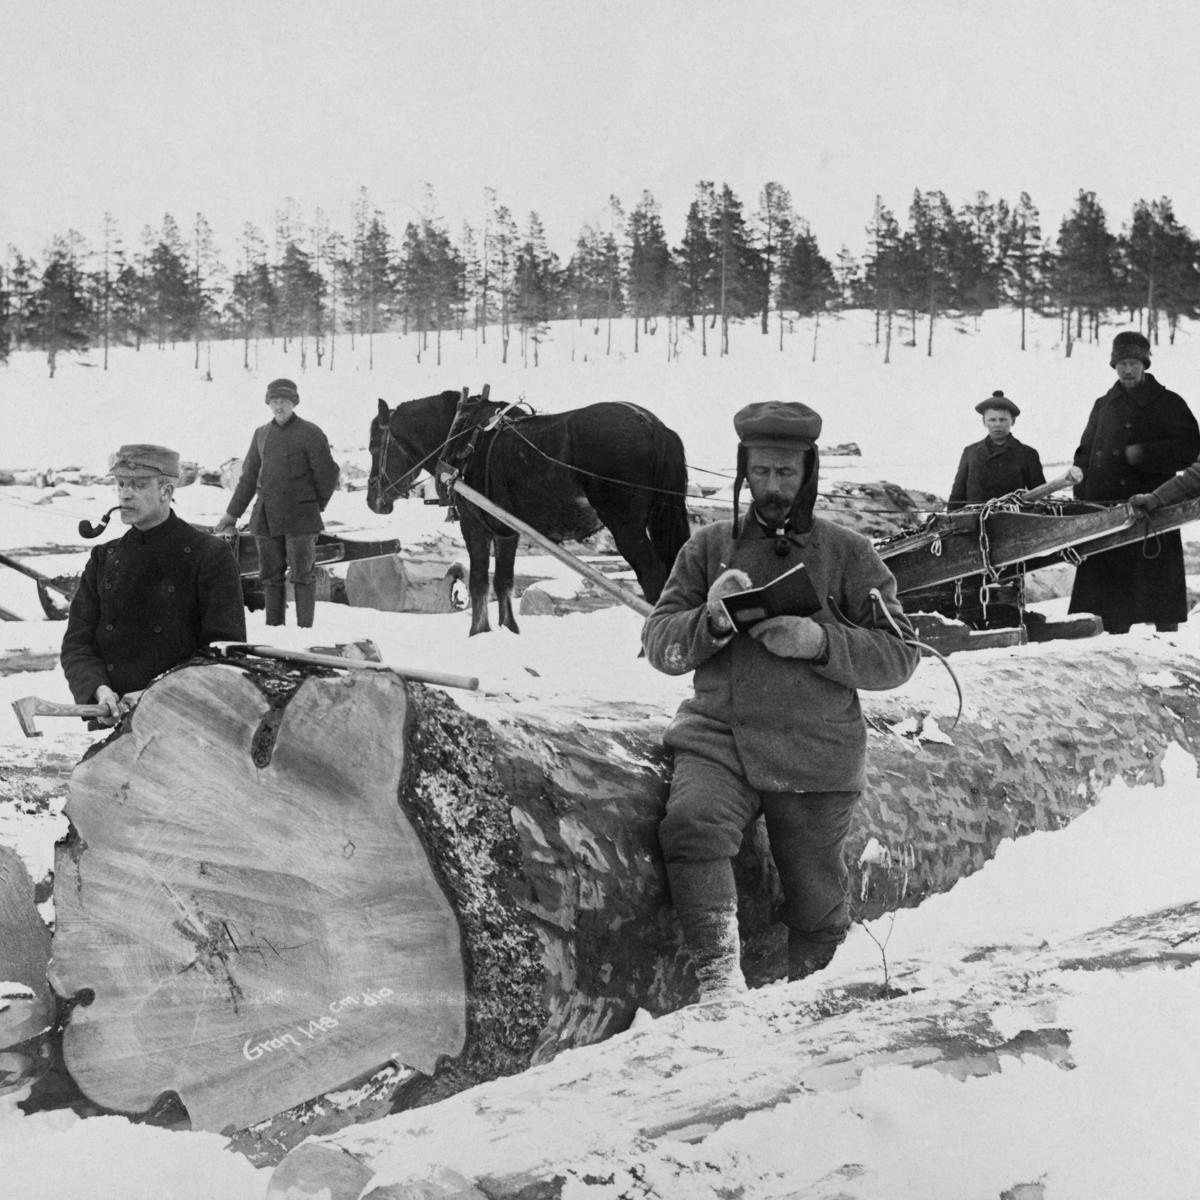 Tømmermåling på Femunden, Engerdal, Hedmark. (1905).